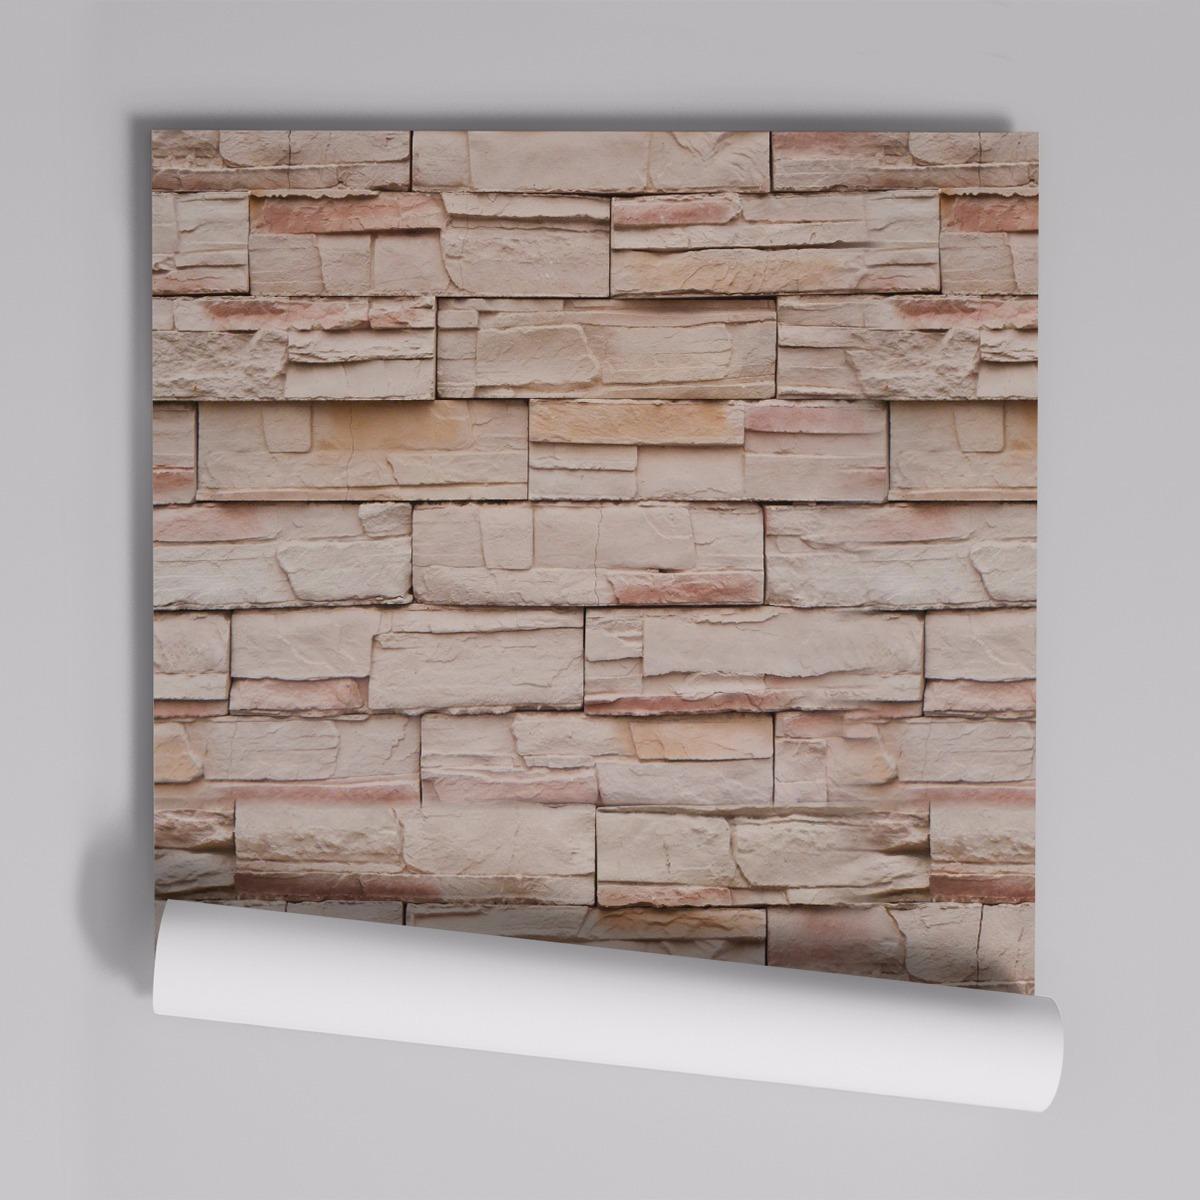 ffd137fca papel de parede adesivo pedras canjiquinha pr-04 - 24 unids. Carregando  zoom.